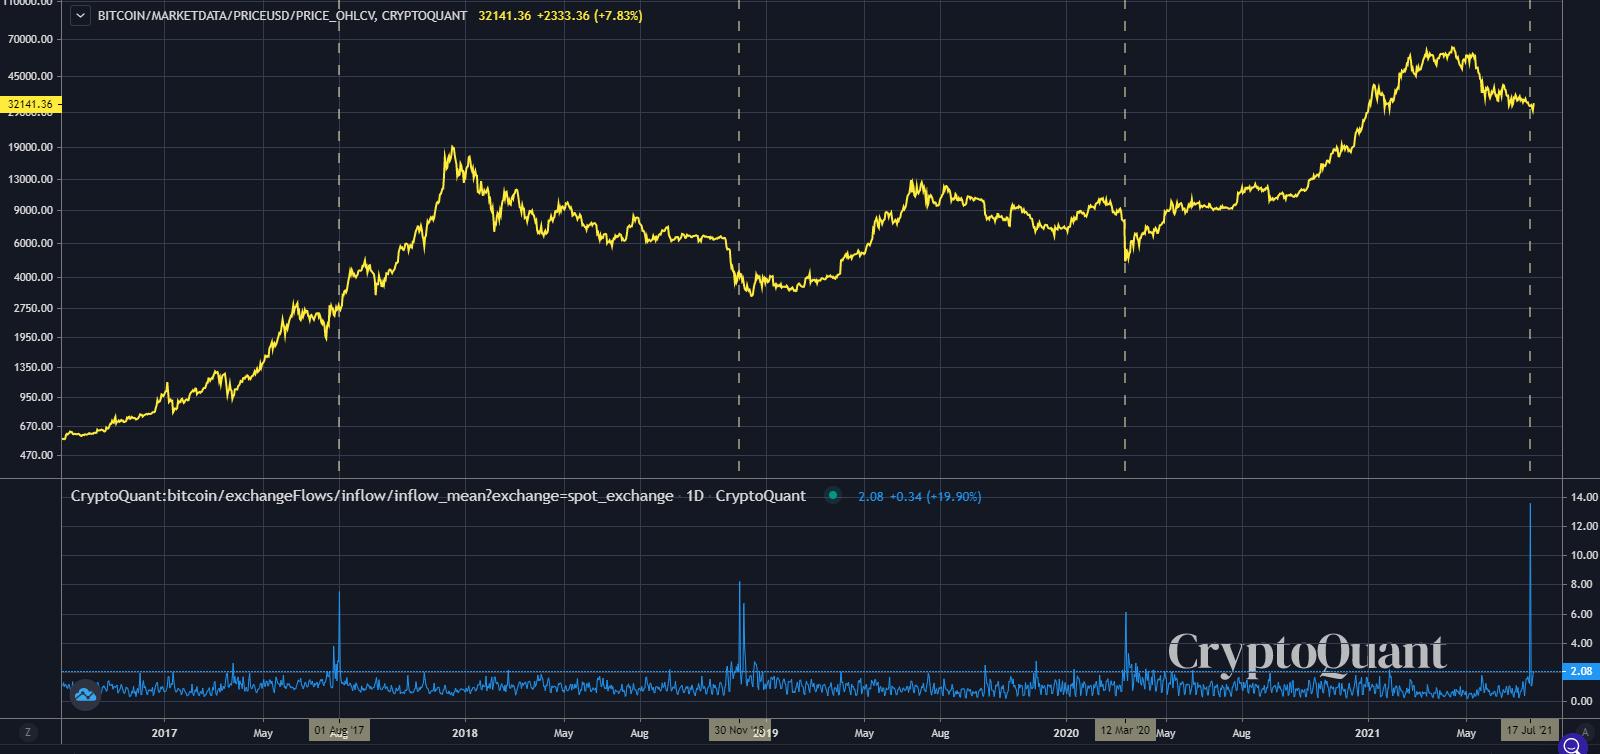 Bitcoin: investitorii sunt de părere că $29,500 a fost bottom